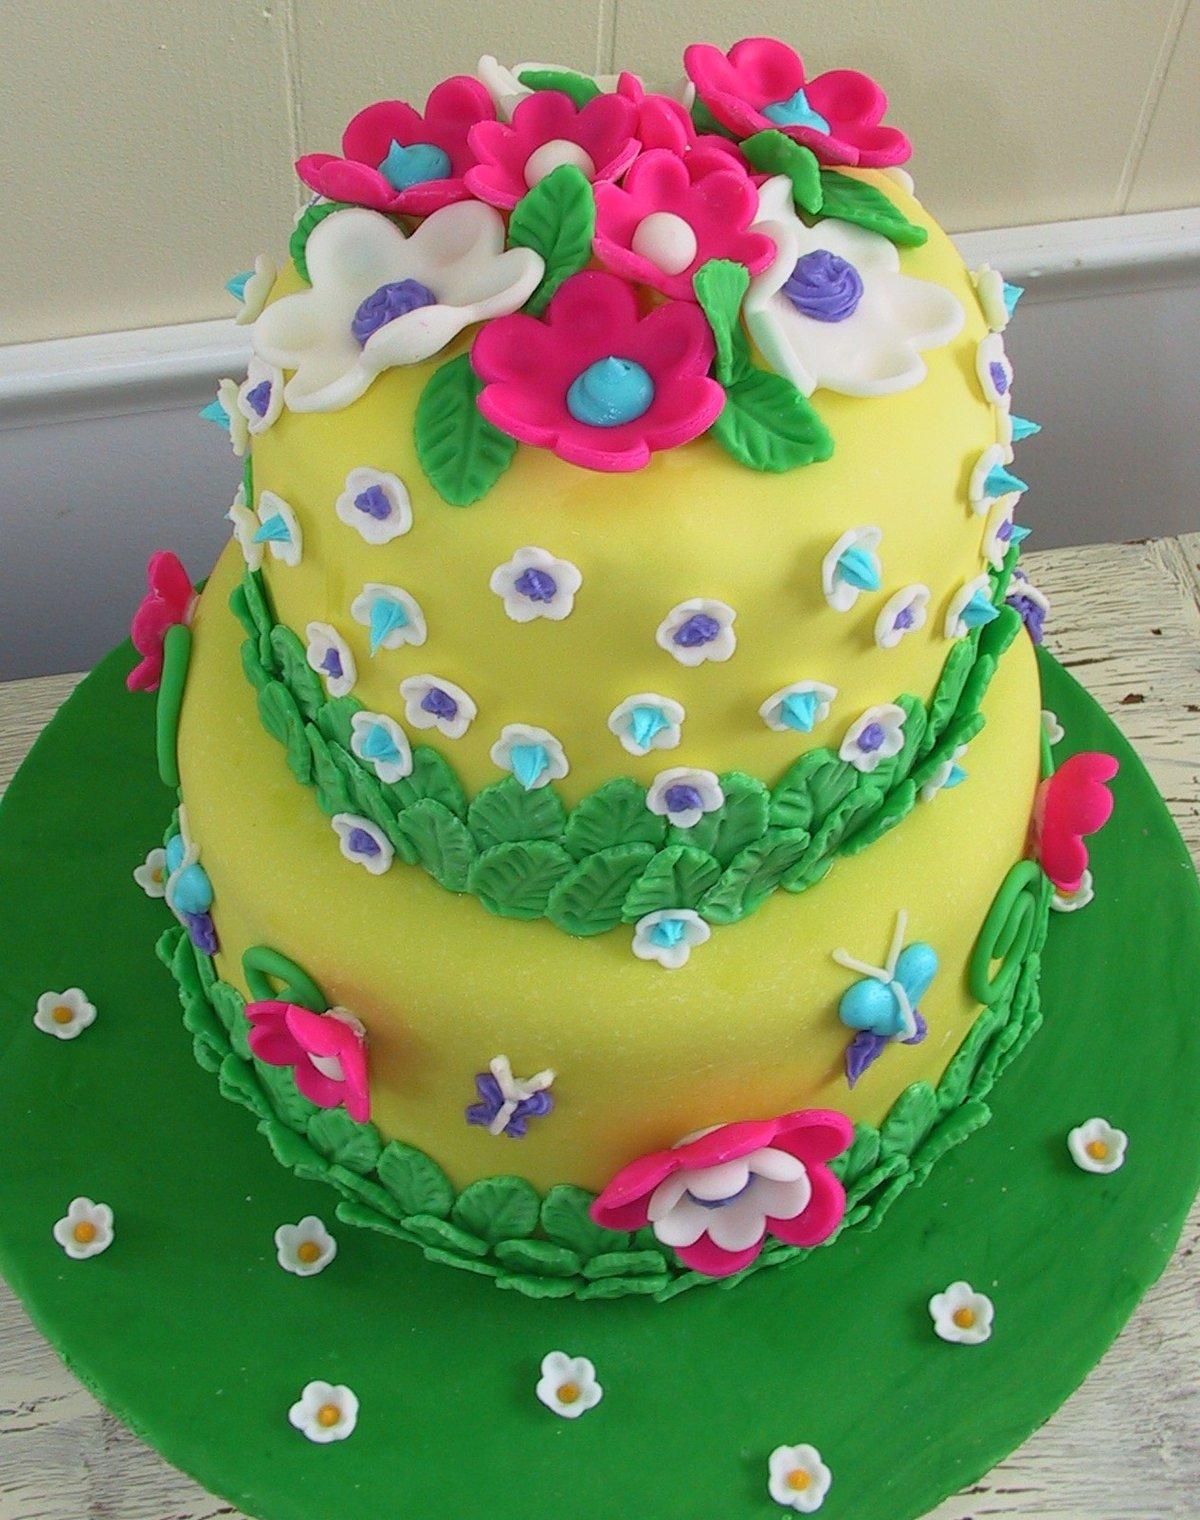 Как сделать красивый торт своими руками с мастикой для девочки